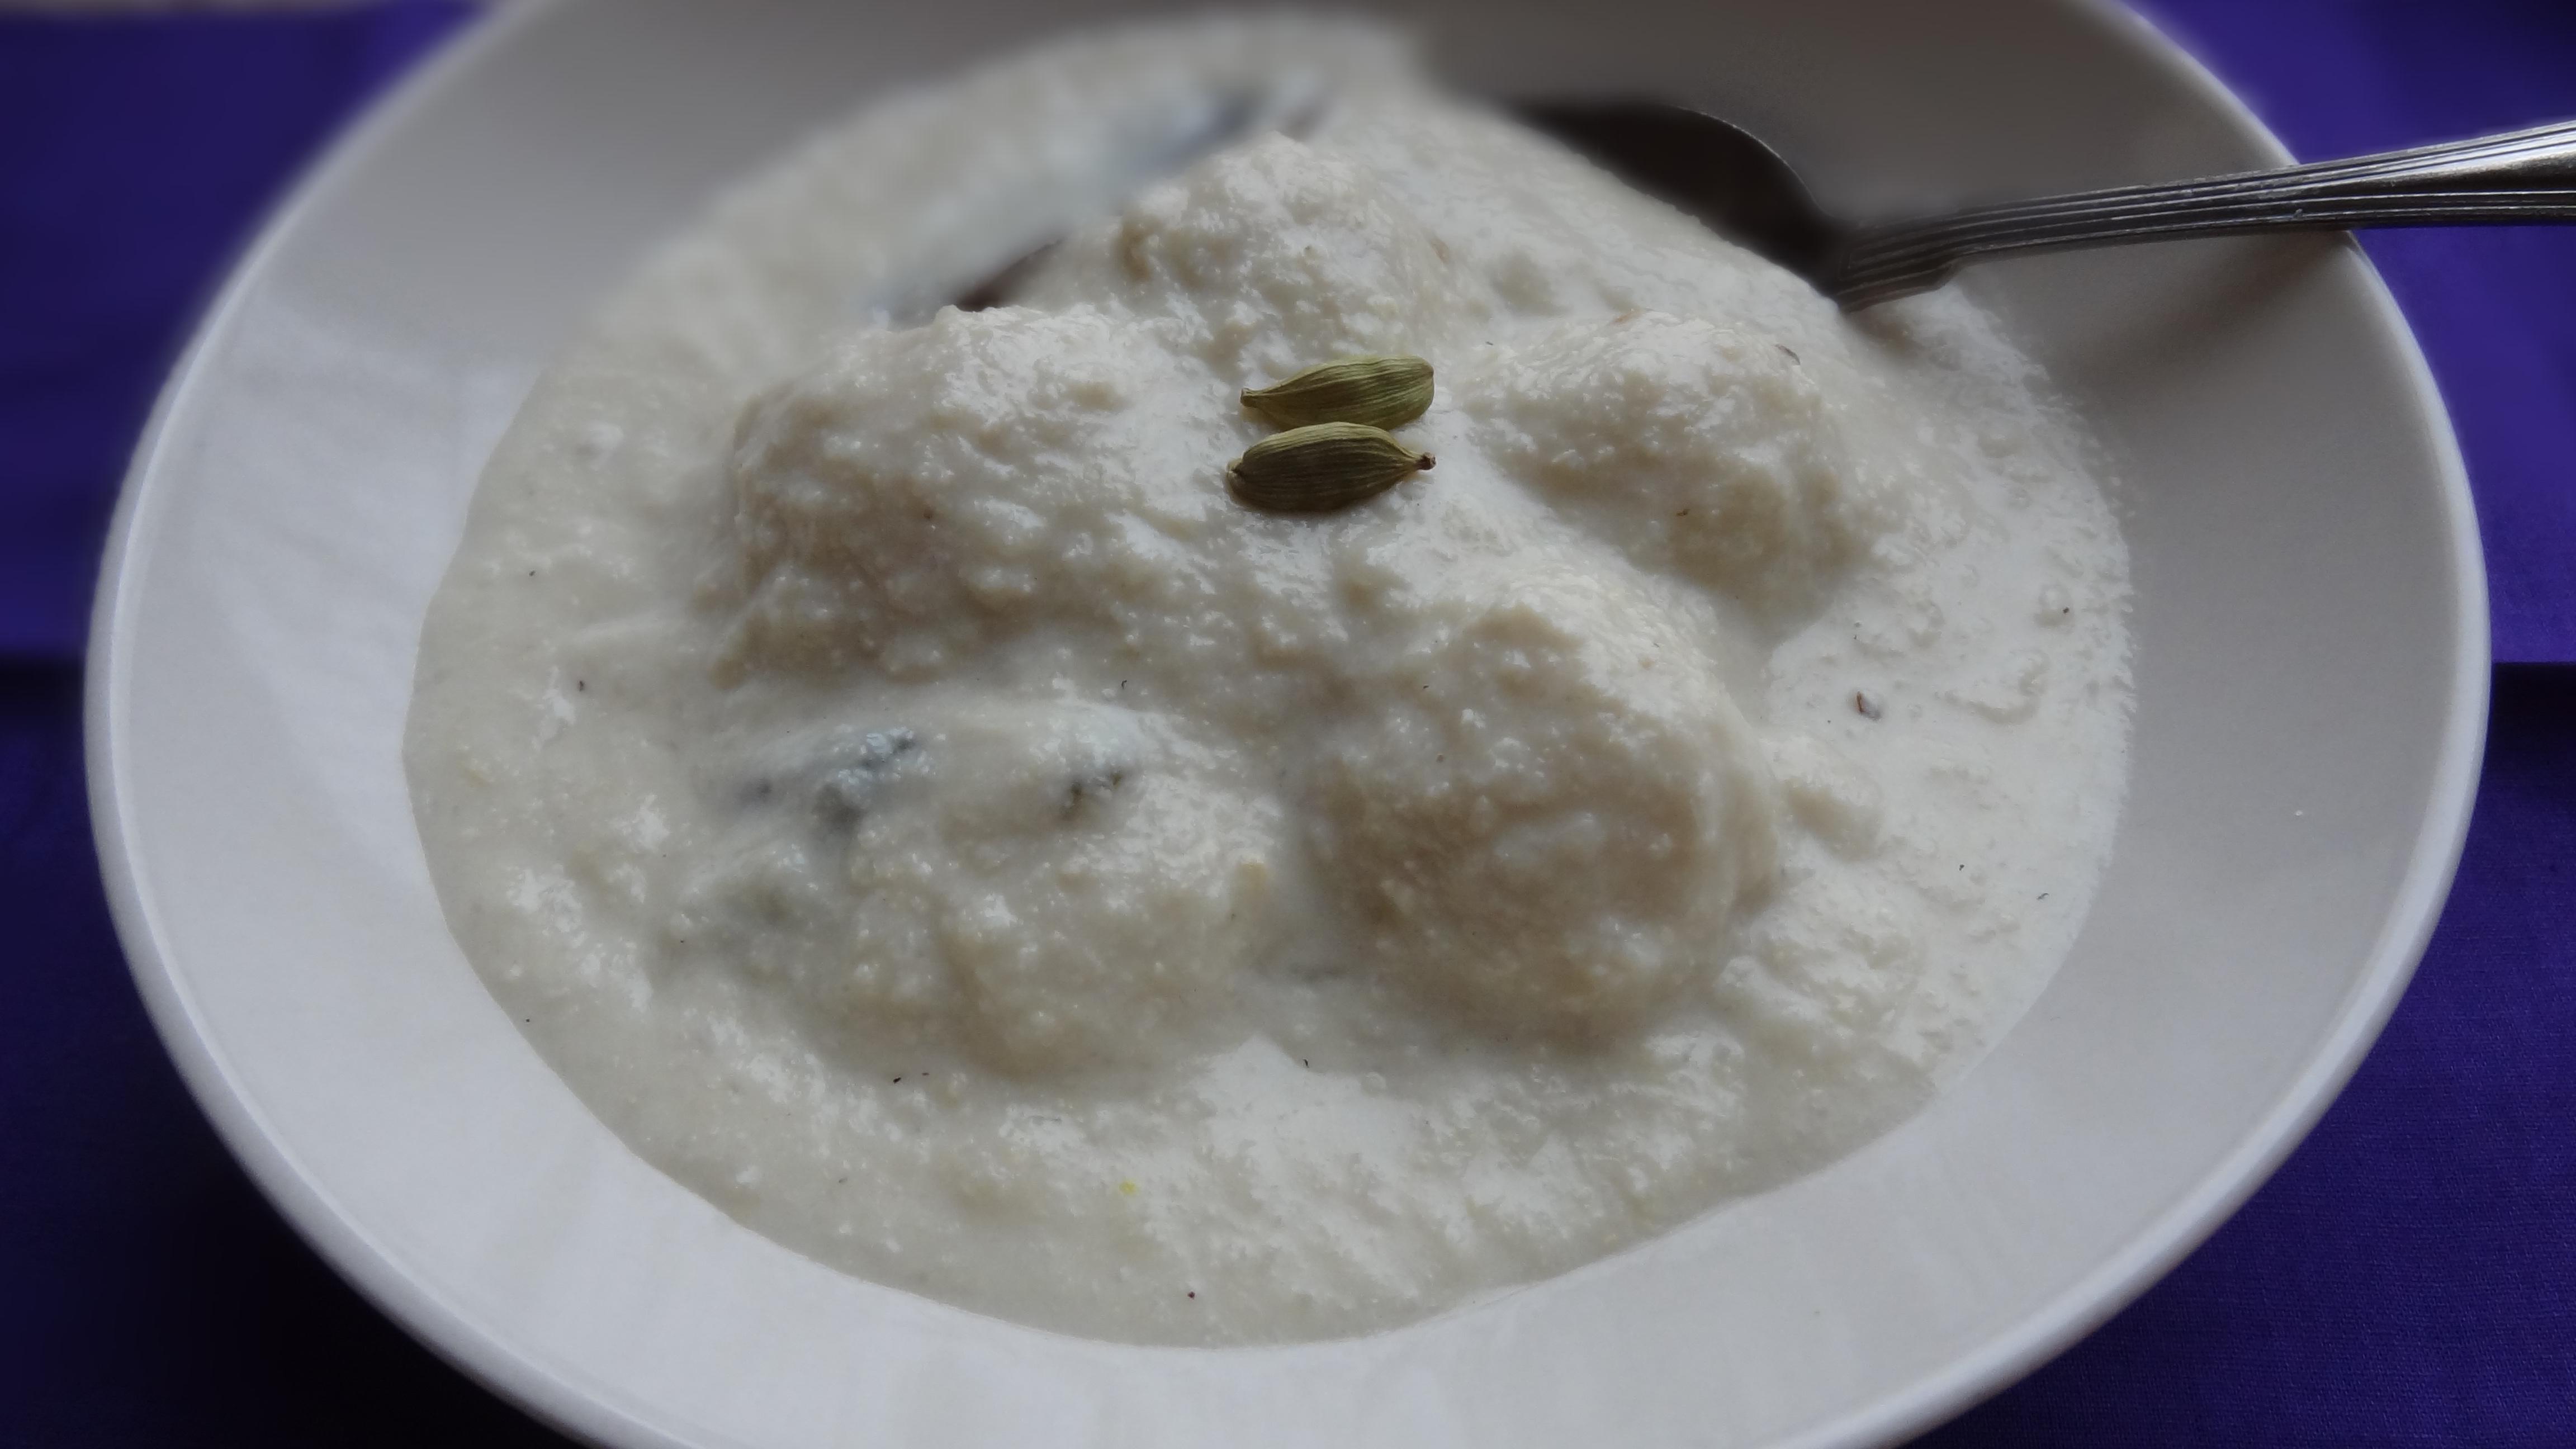 White Malai Kofta with Homemade Naan | Naive Cook Cooks